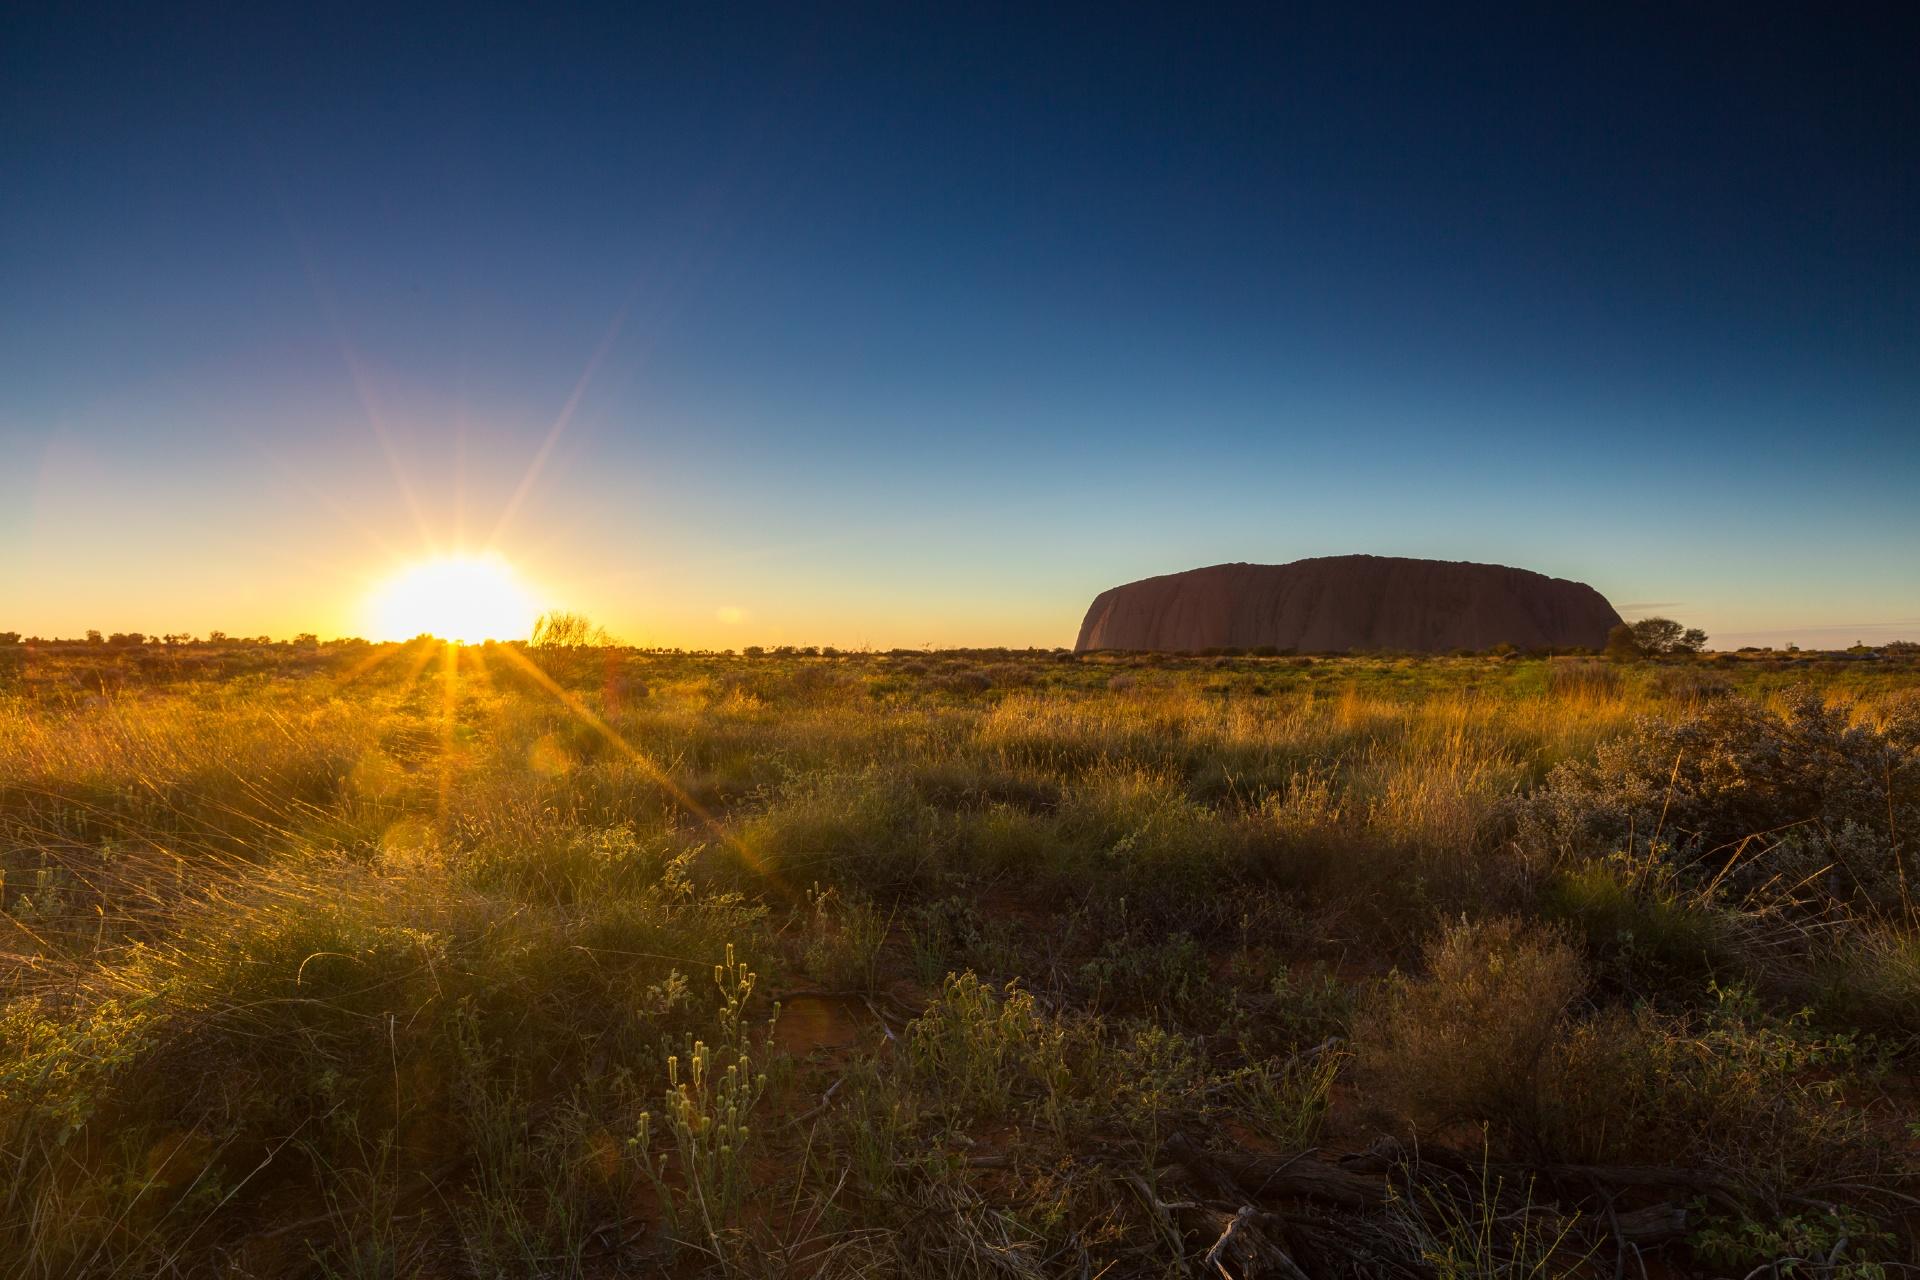 オーストラリア内陸部の朝の風景 オーストラリアの風景